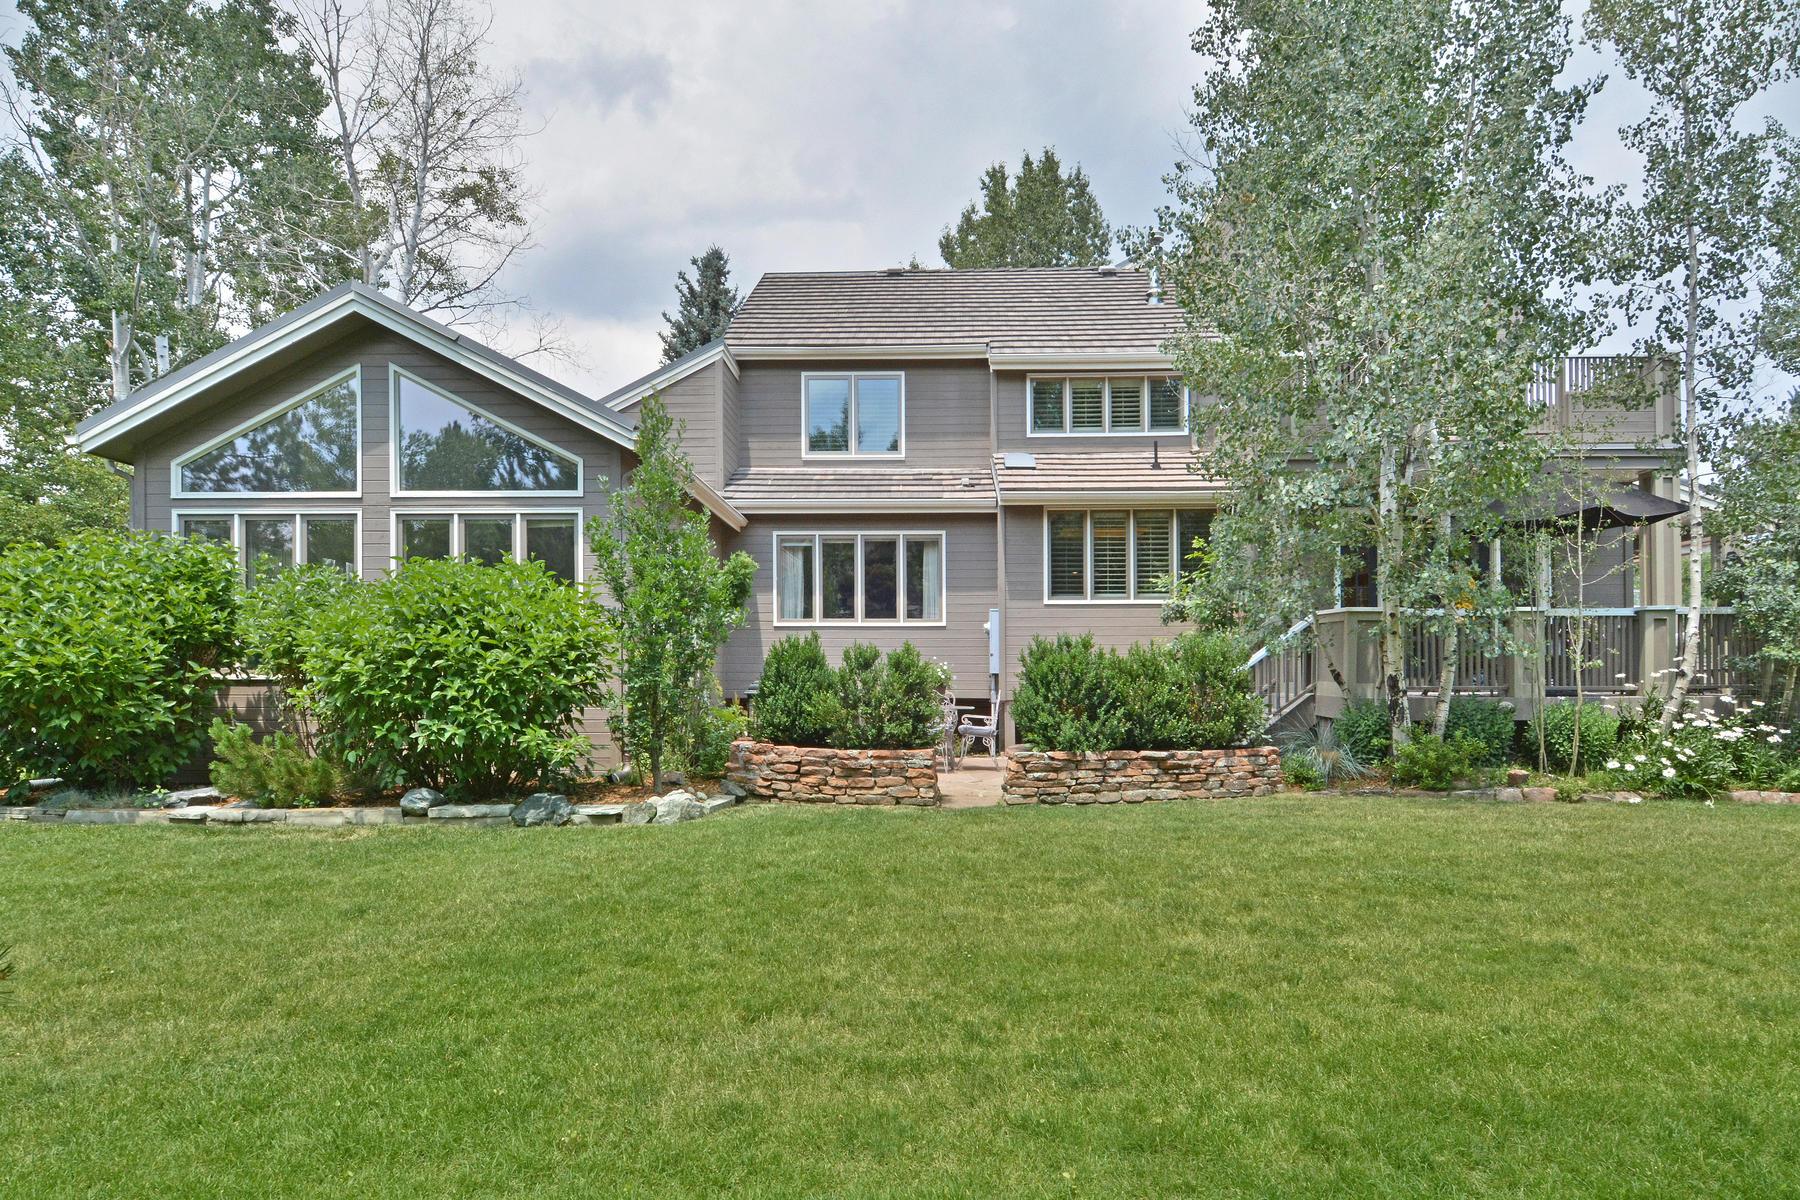 Casa para uma família para Venda às Amazing North Boulder Home 3890 Norwood Ct, Boulder, Colorado, 80304 Estados Unidos